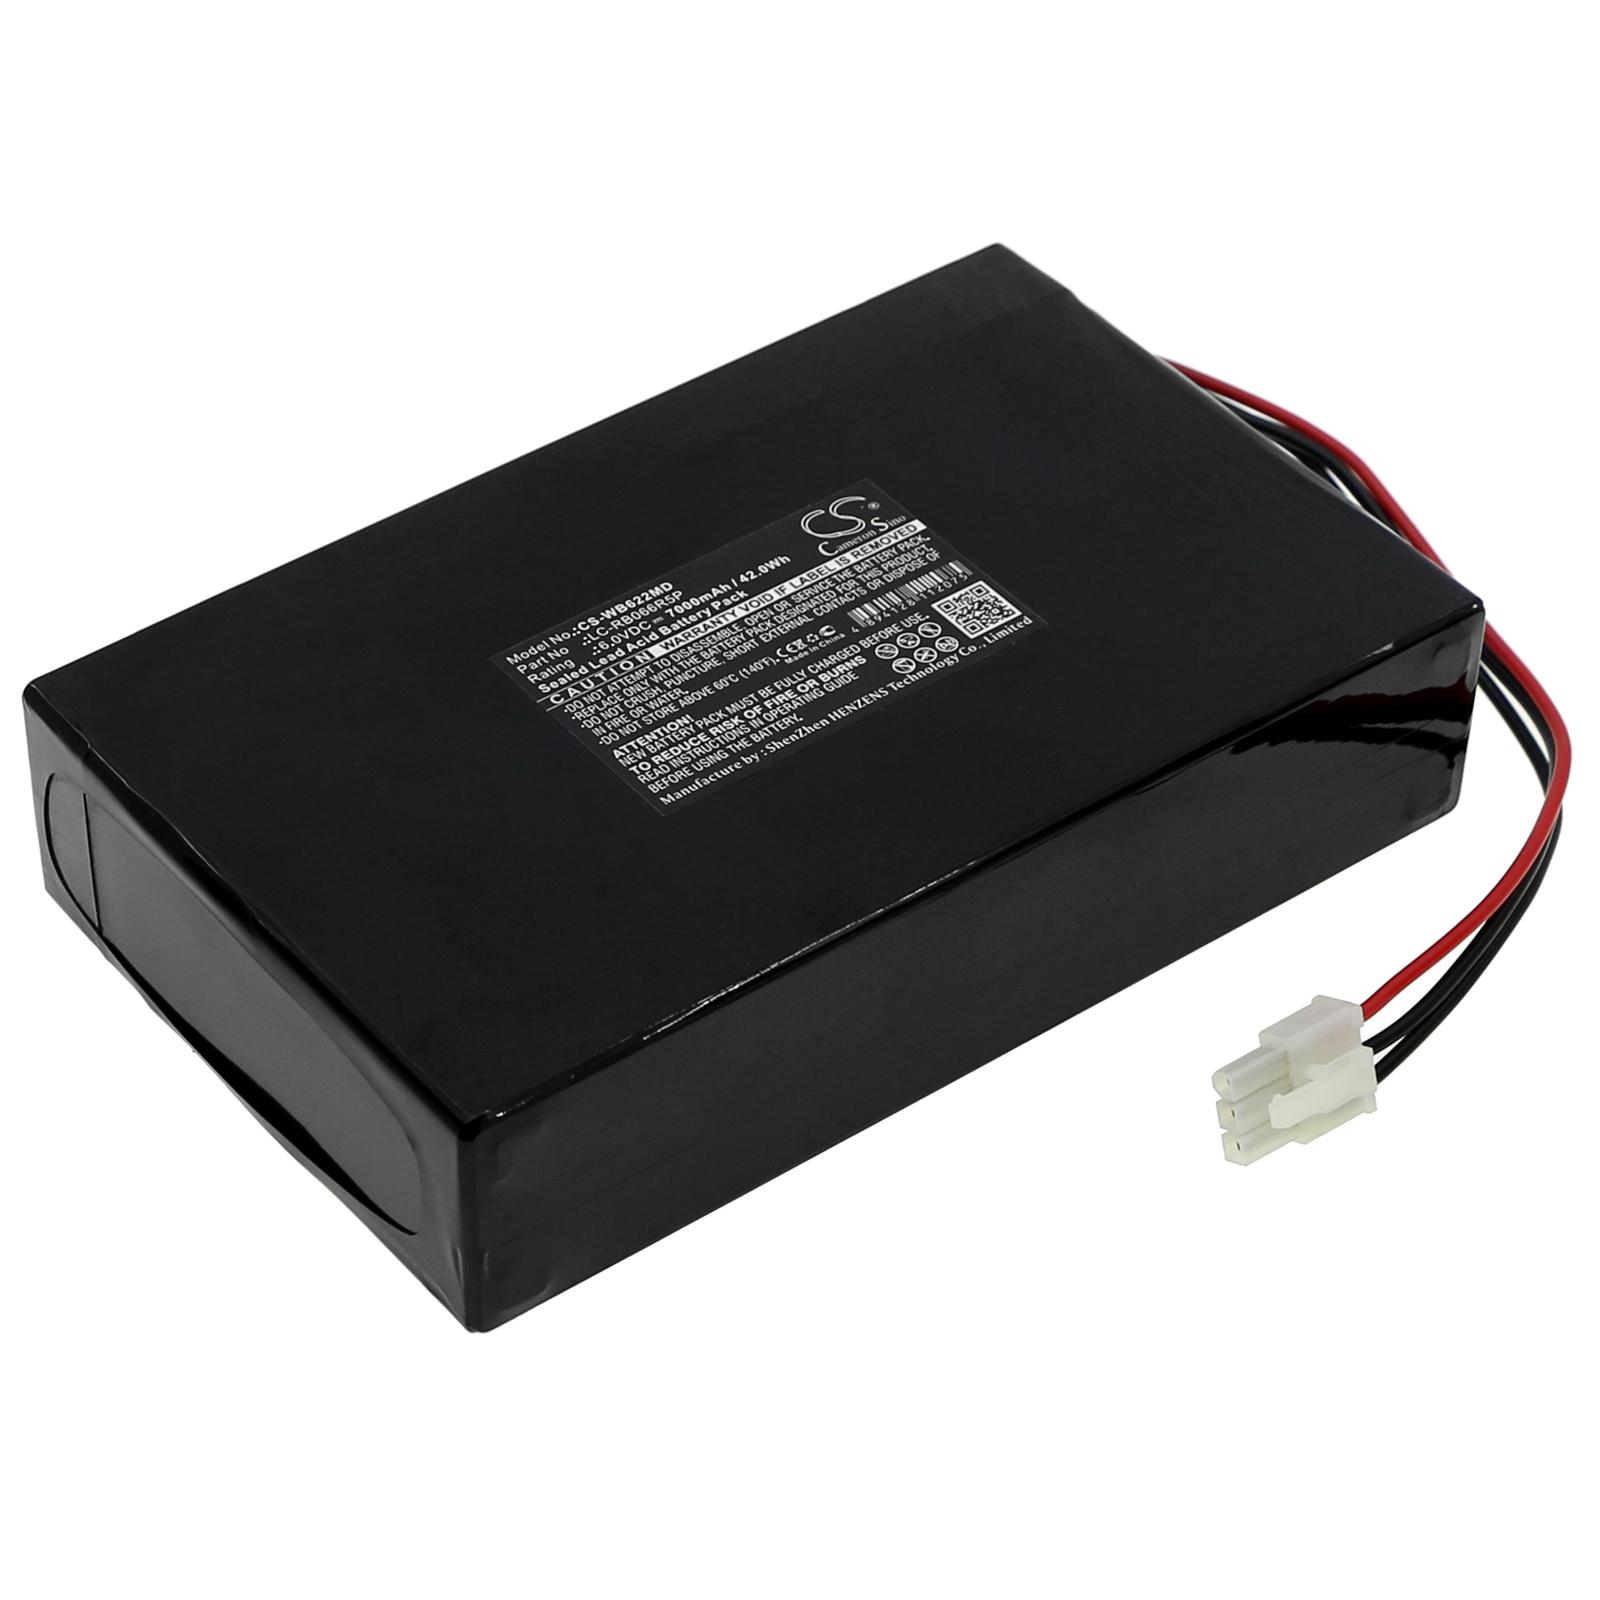 Cameron Sino baterie do zdravotnických zařízení za LC-RB066R5P 6V Sealed Lead Acid 7000mAh černá - neoriginální